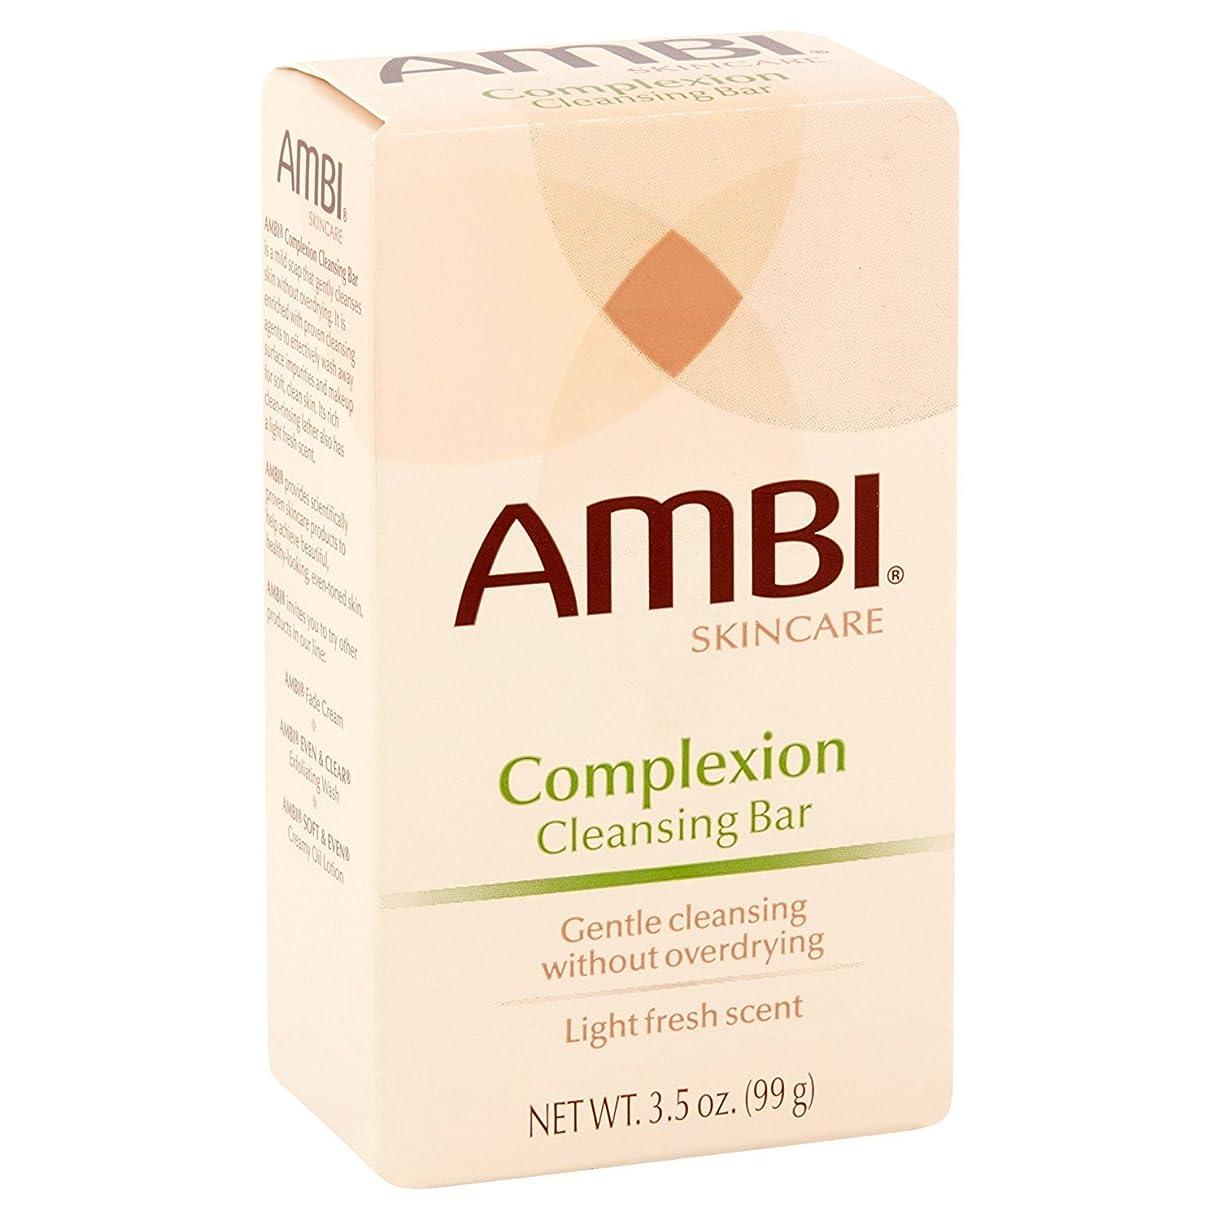 質素なファセット代わりにを立てるAMBI クレンジング石鹸Complextion 3.5Oz(2パック)